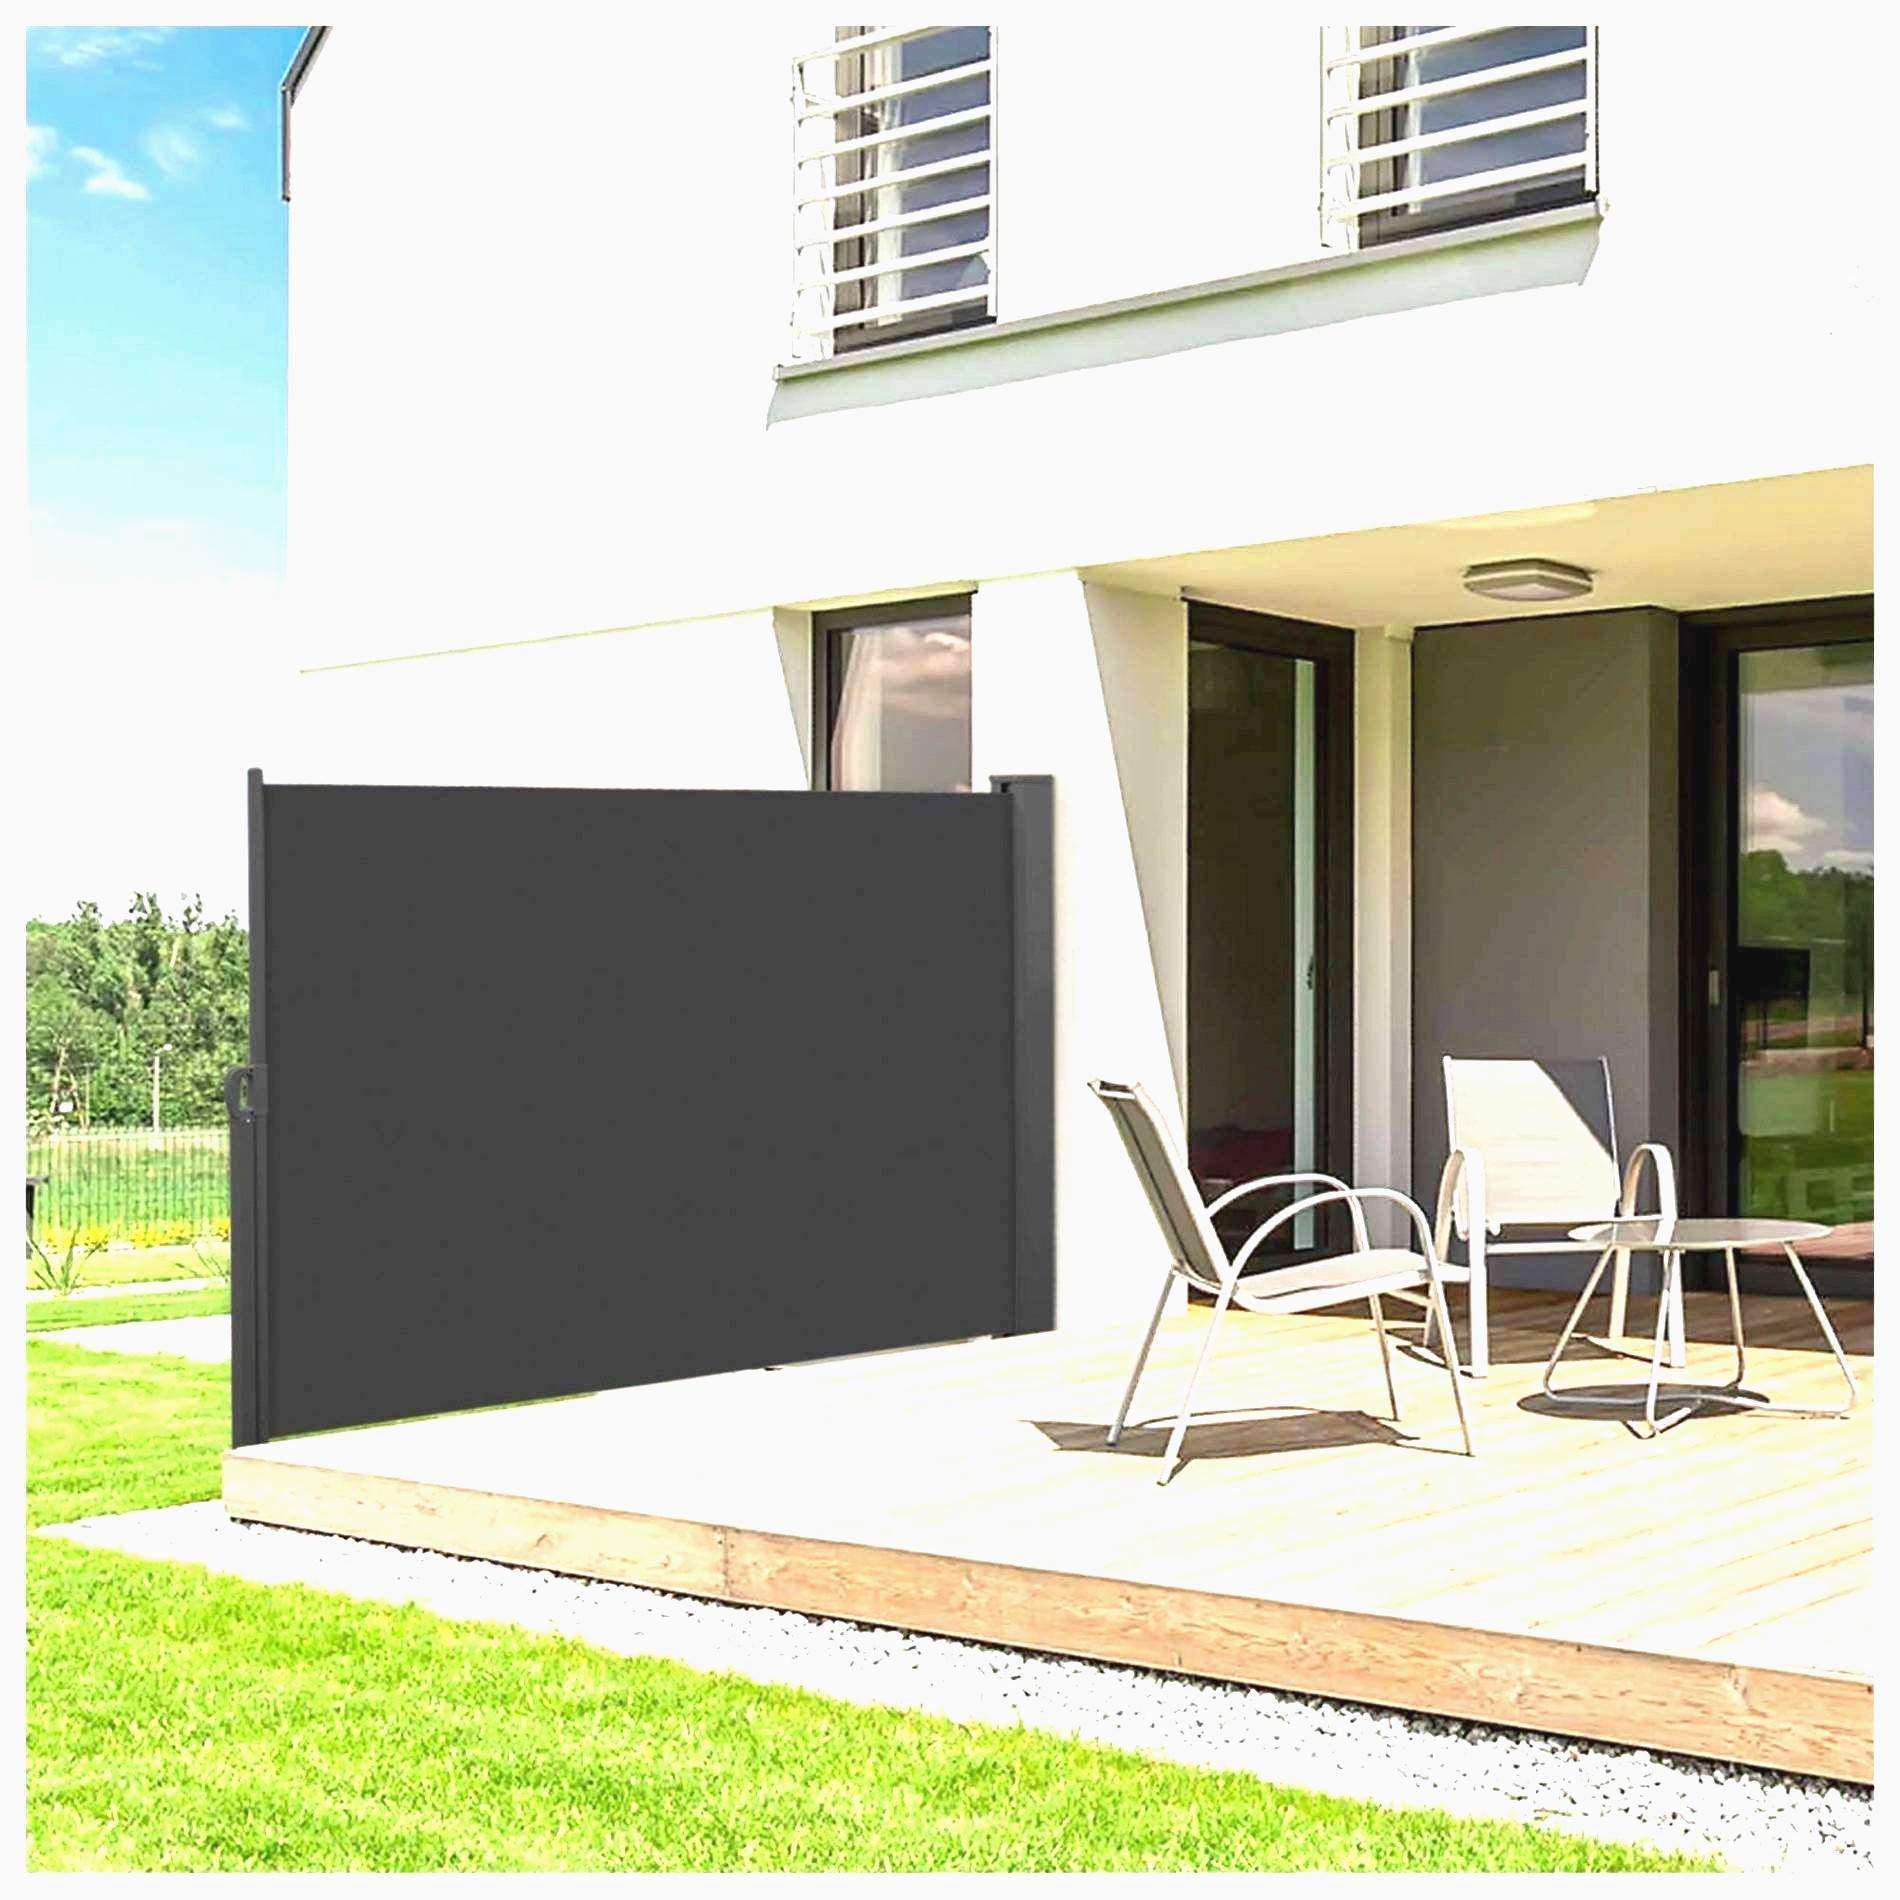 wohnzimmer pflanze frisch holz auf terrasse terrassengestaltung sichtschutz 0d zum of wohnzimmer pflanze